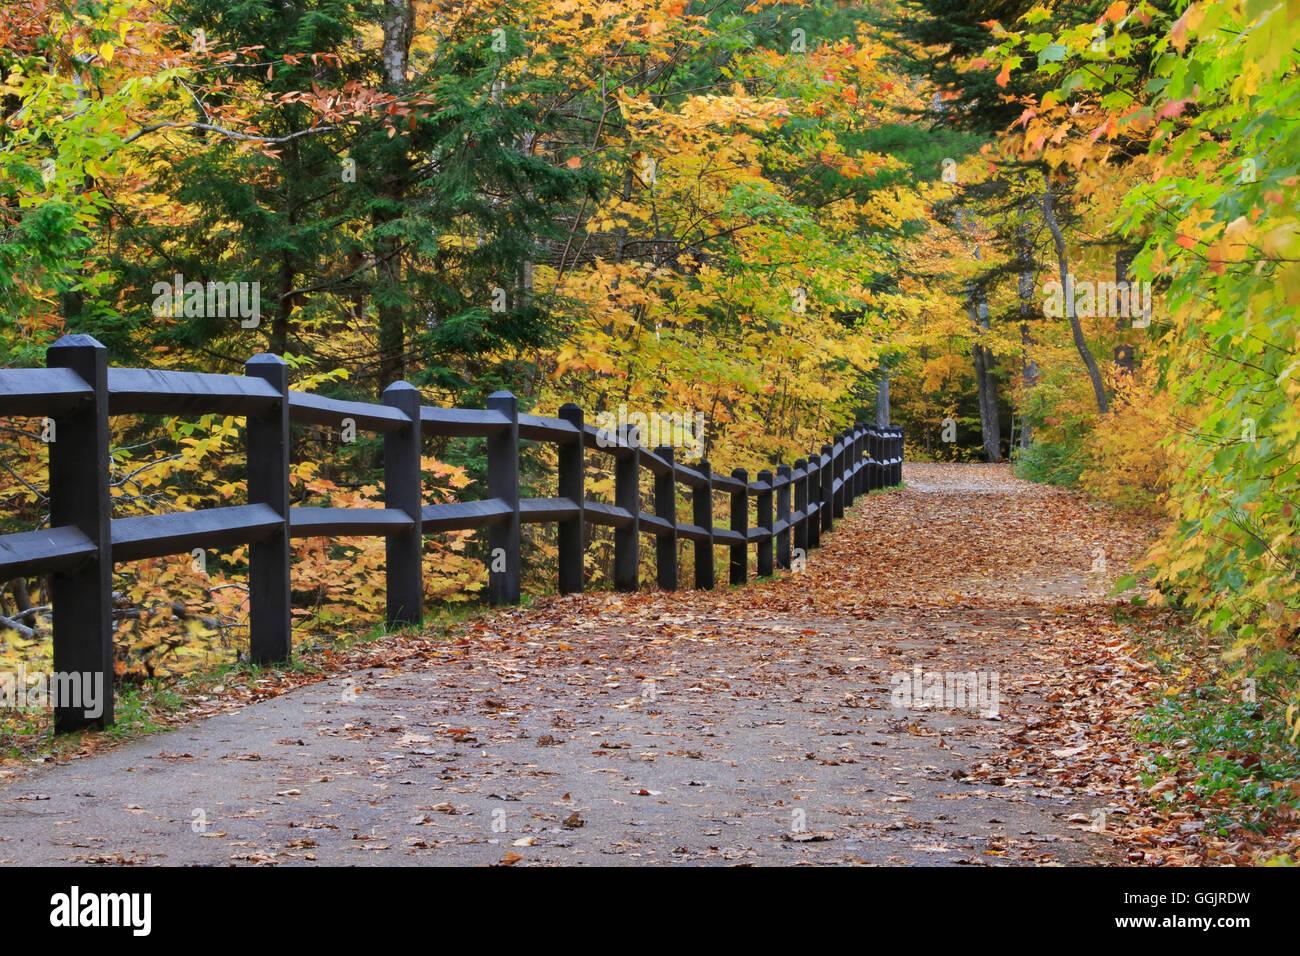 Ein Zaun und bunten Baum gesäumten Pfad im Herbst führt hinunter fällt, Tahquamenon Falls Michigan Stockbild